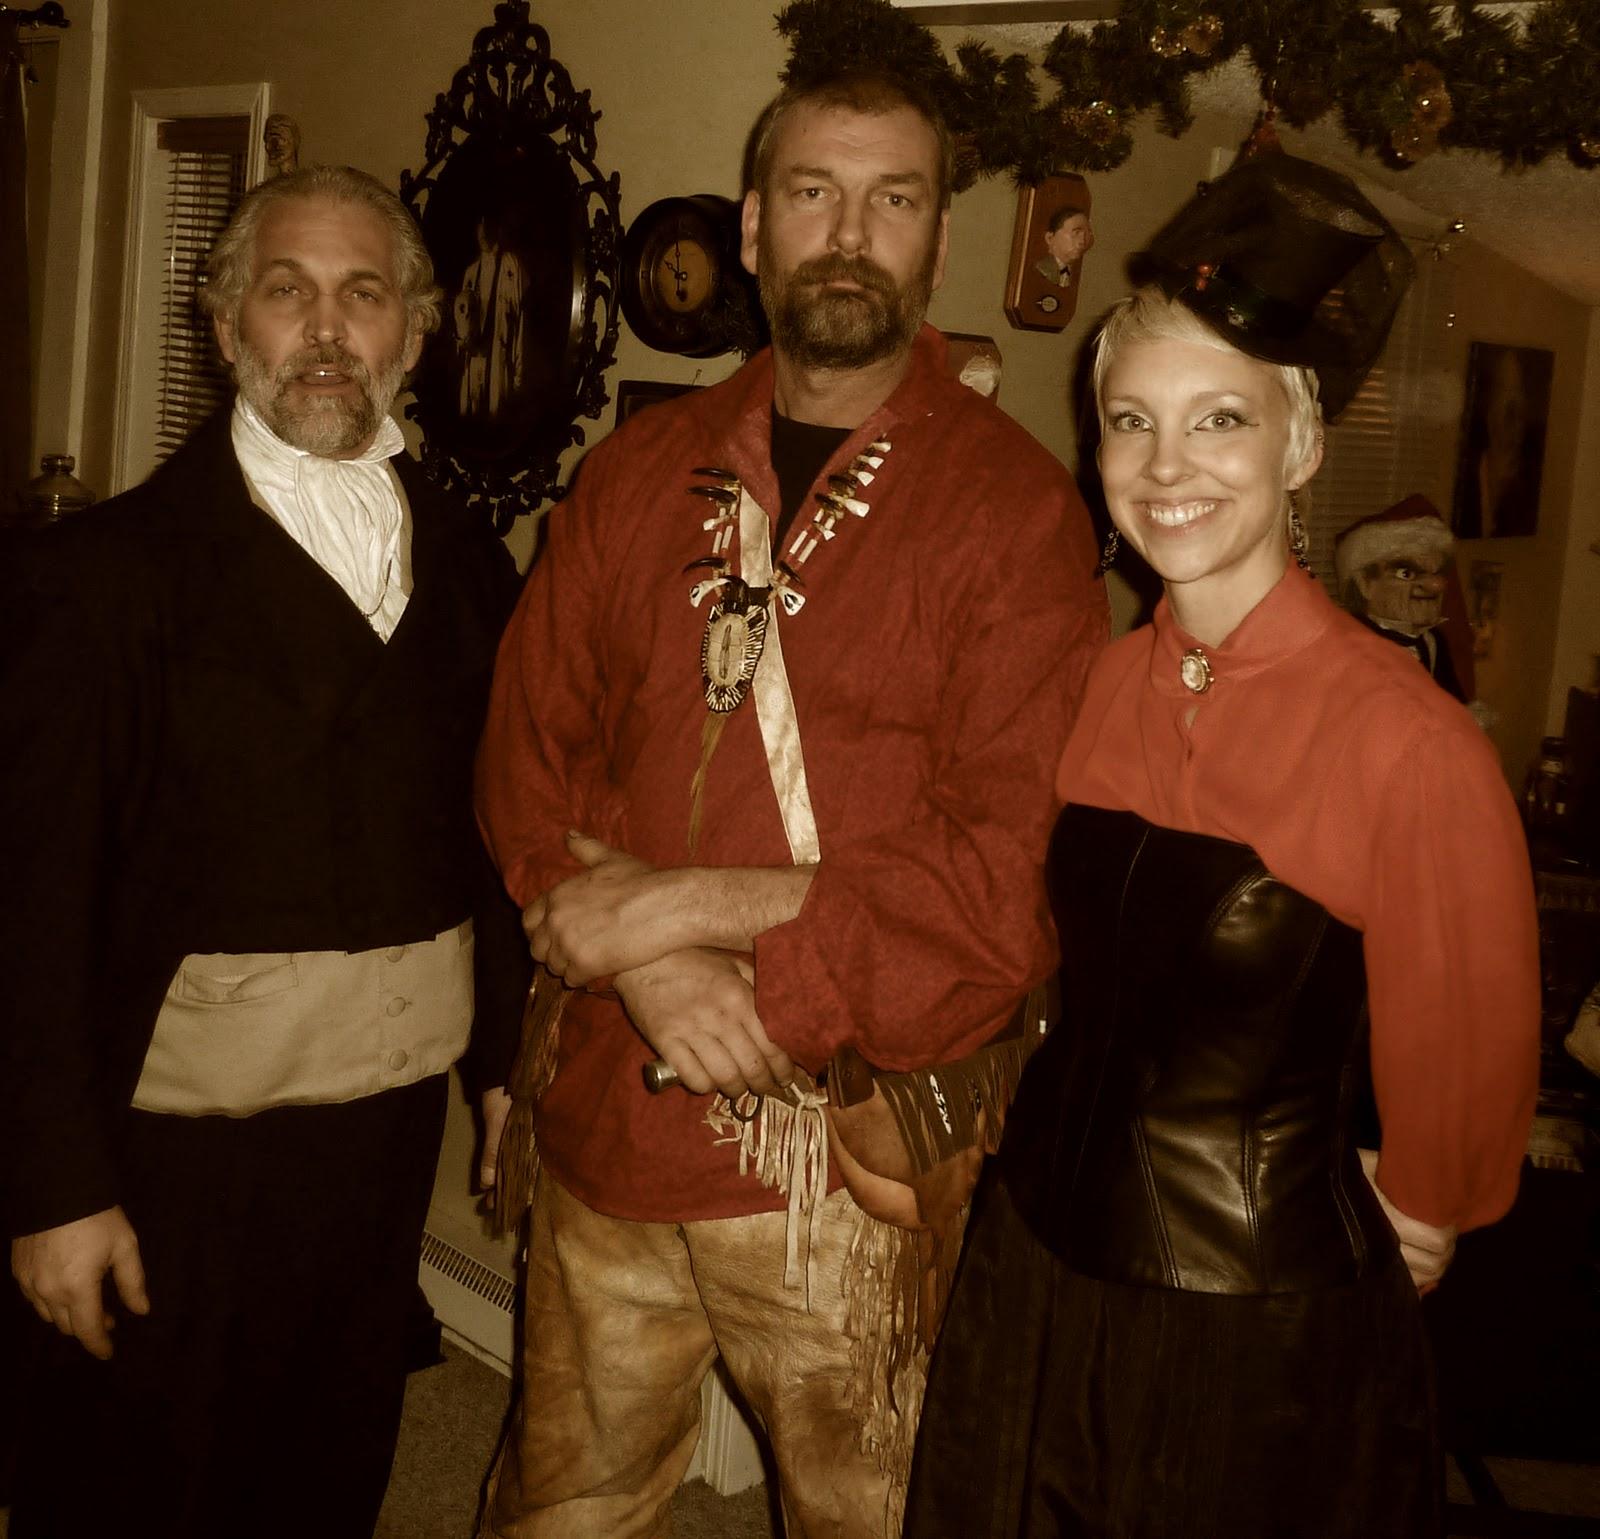 http://1.bp.blogspot.com/_h6rTaZiHFtY/TP1Z9LRDsVI/AAAAAAAAA1I/ji-CLjrqfGM/s1600/Priest%252C+Pioneer+and+Lady.jpg